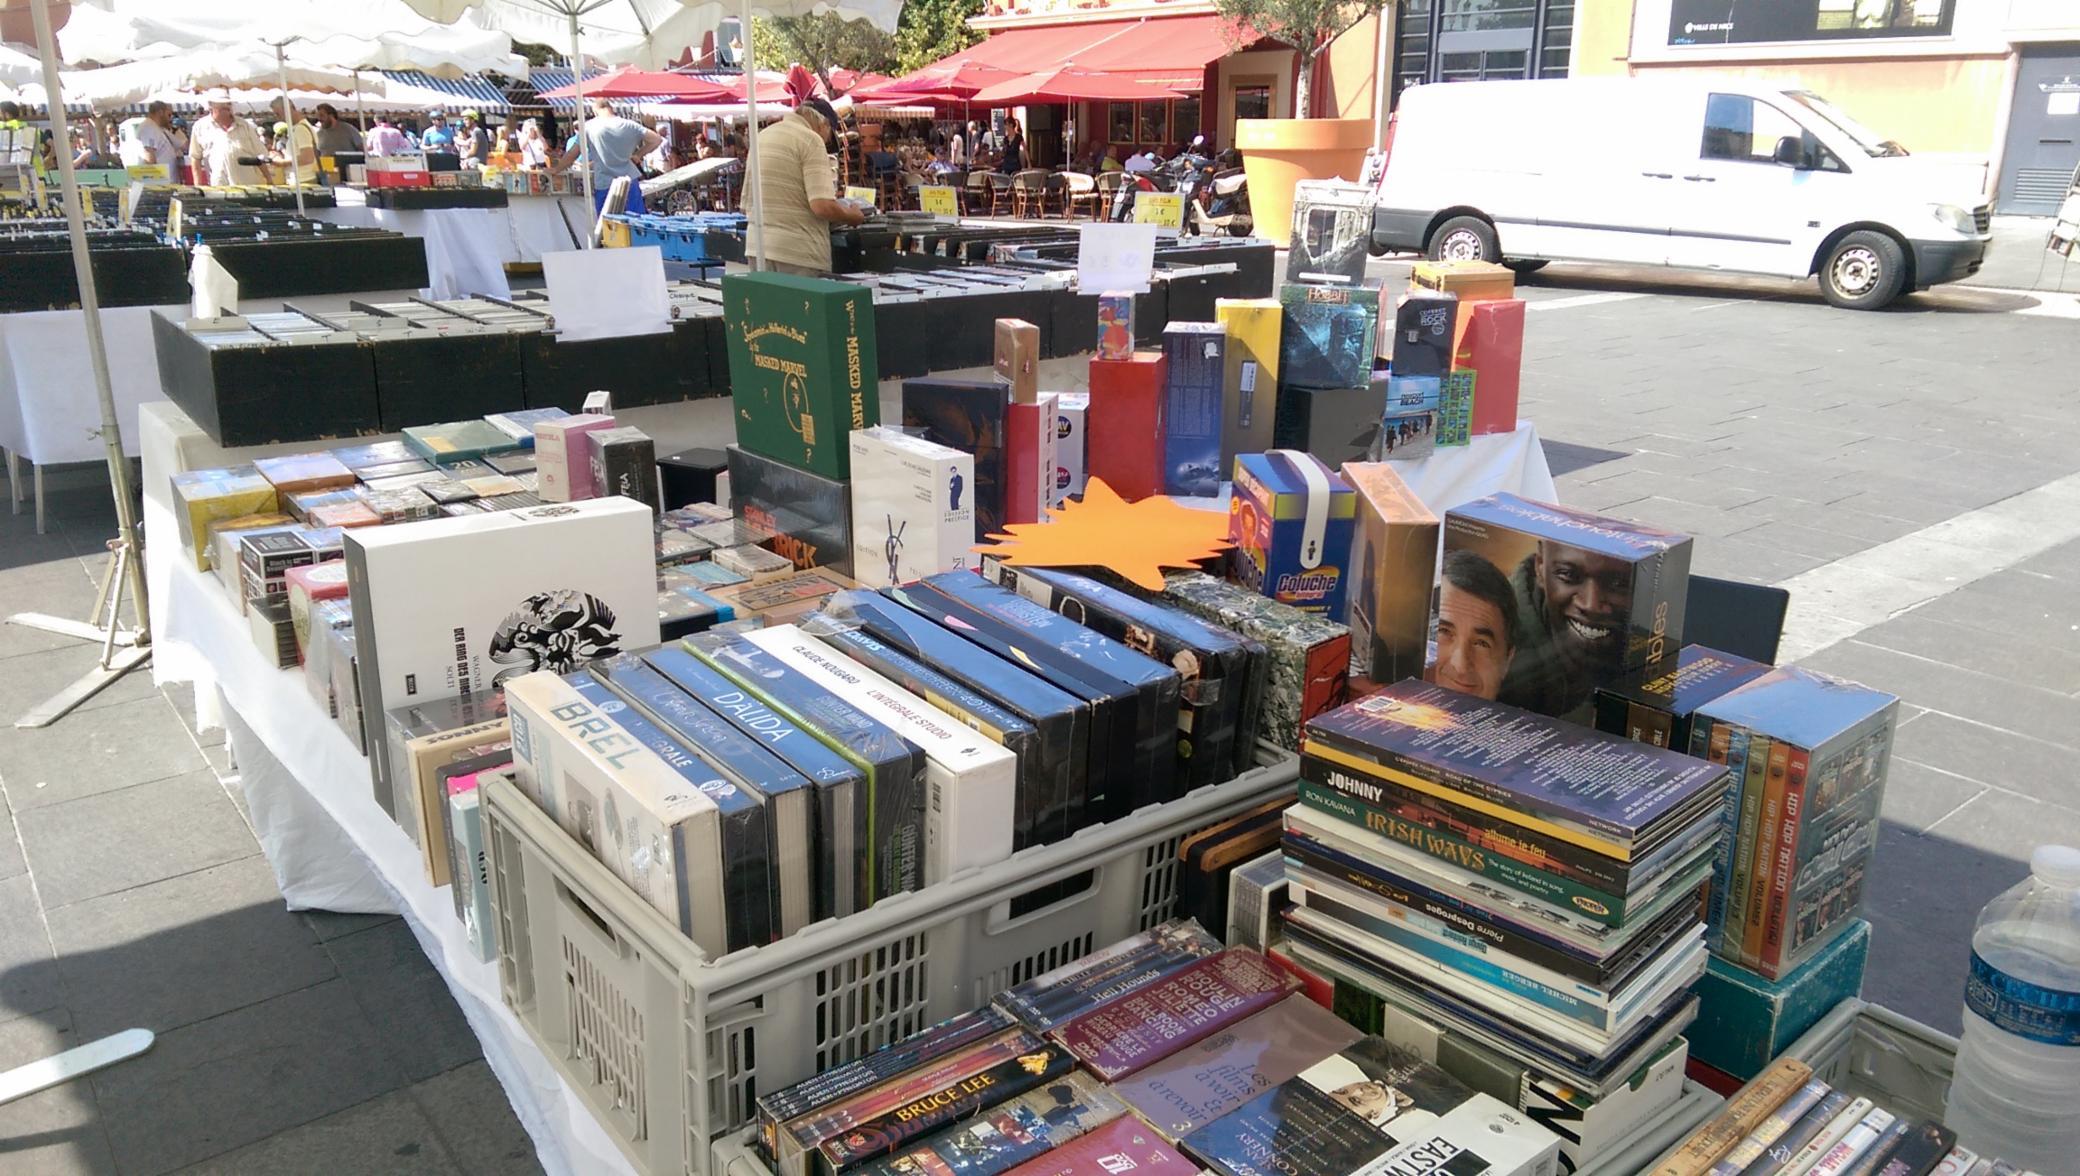 11 achat et vente de CD/DVD/VINYLES etc achat-vente CD/DVD/BD/Vinyles achat et vente de CD/DVD/VINYLES etc